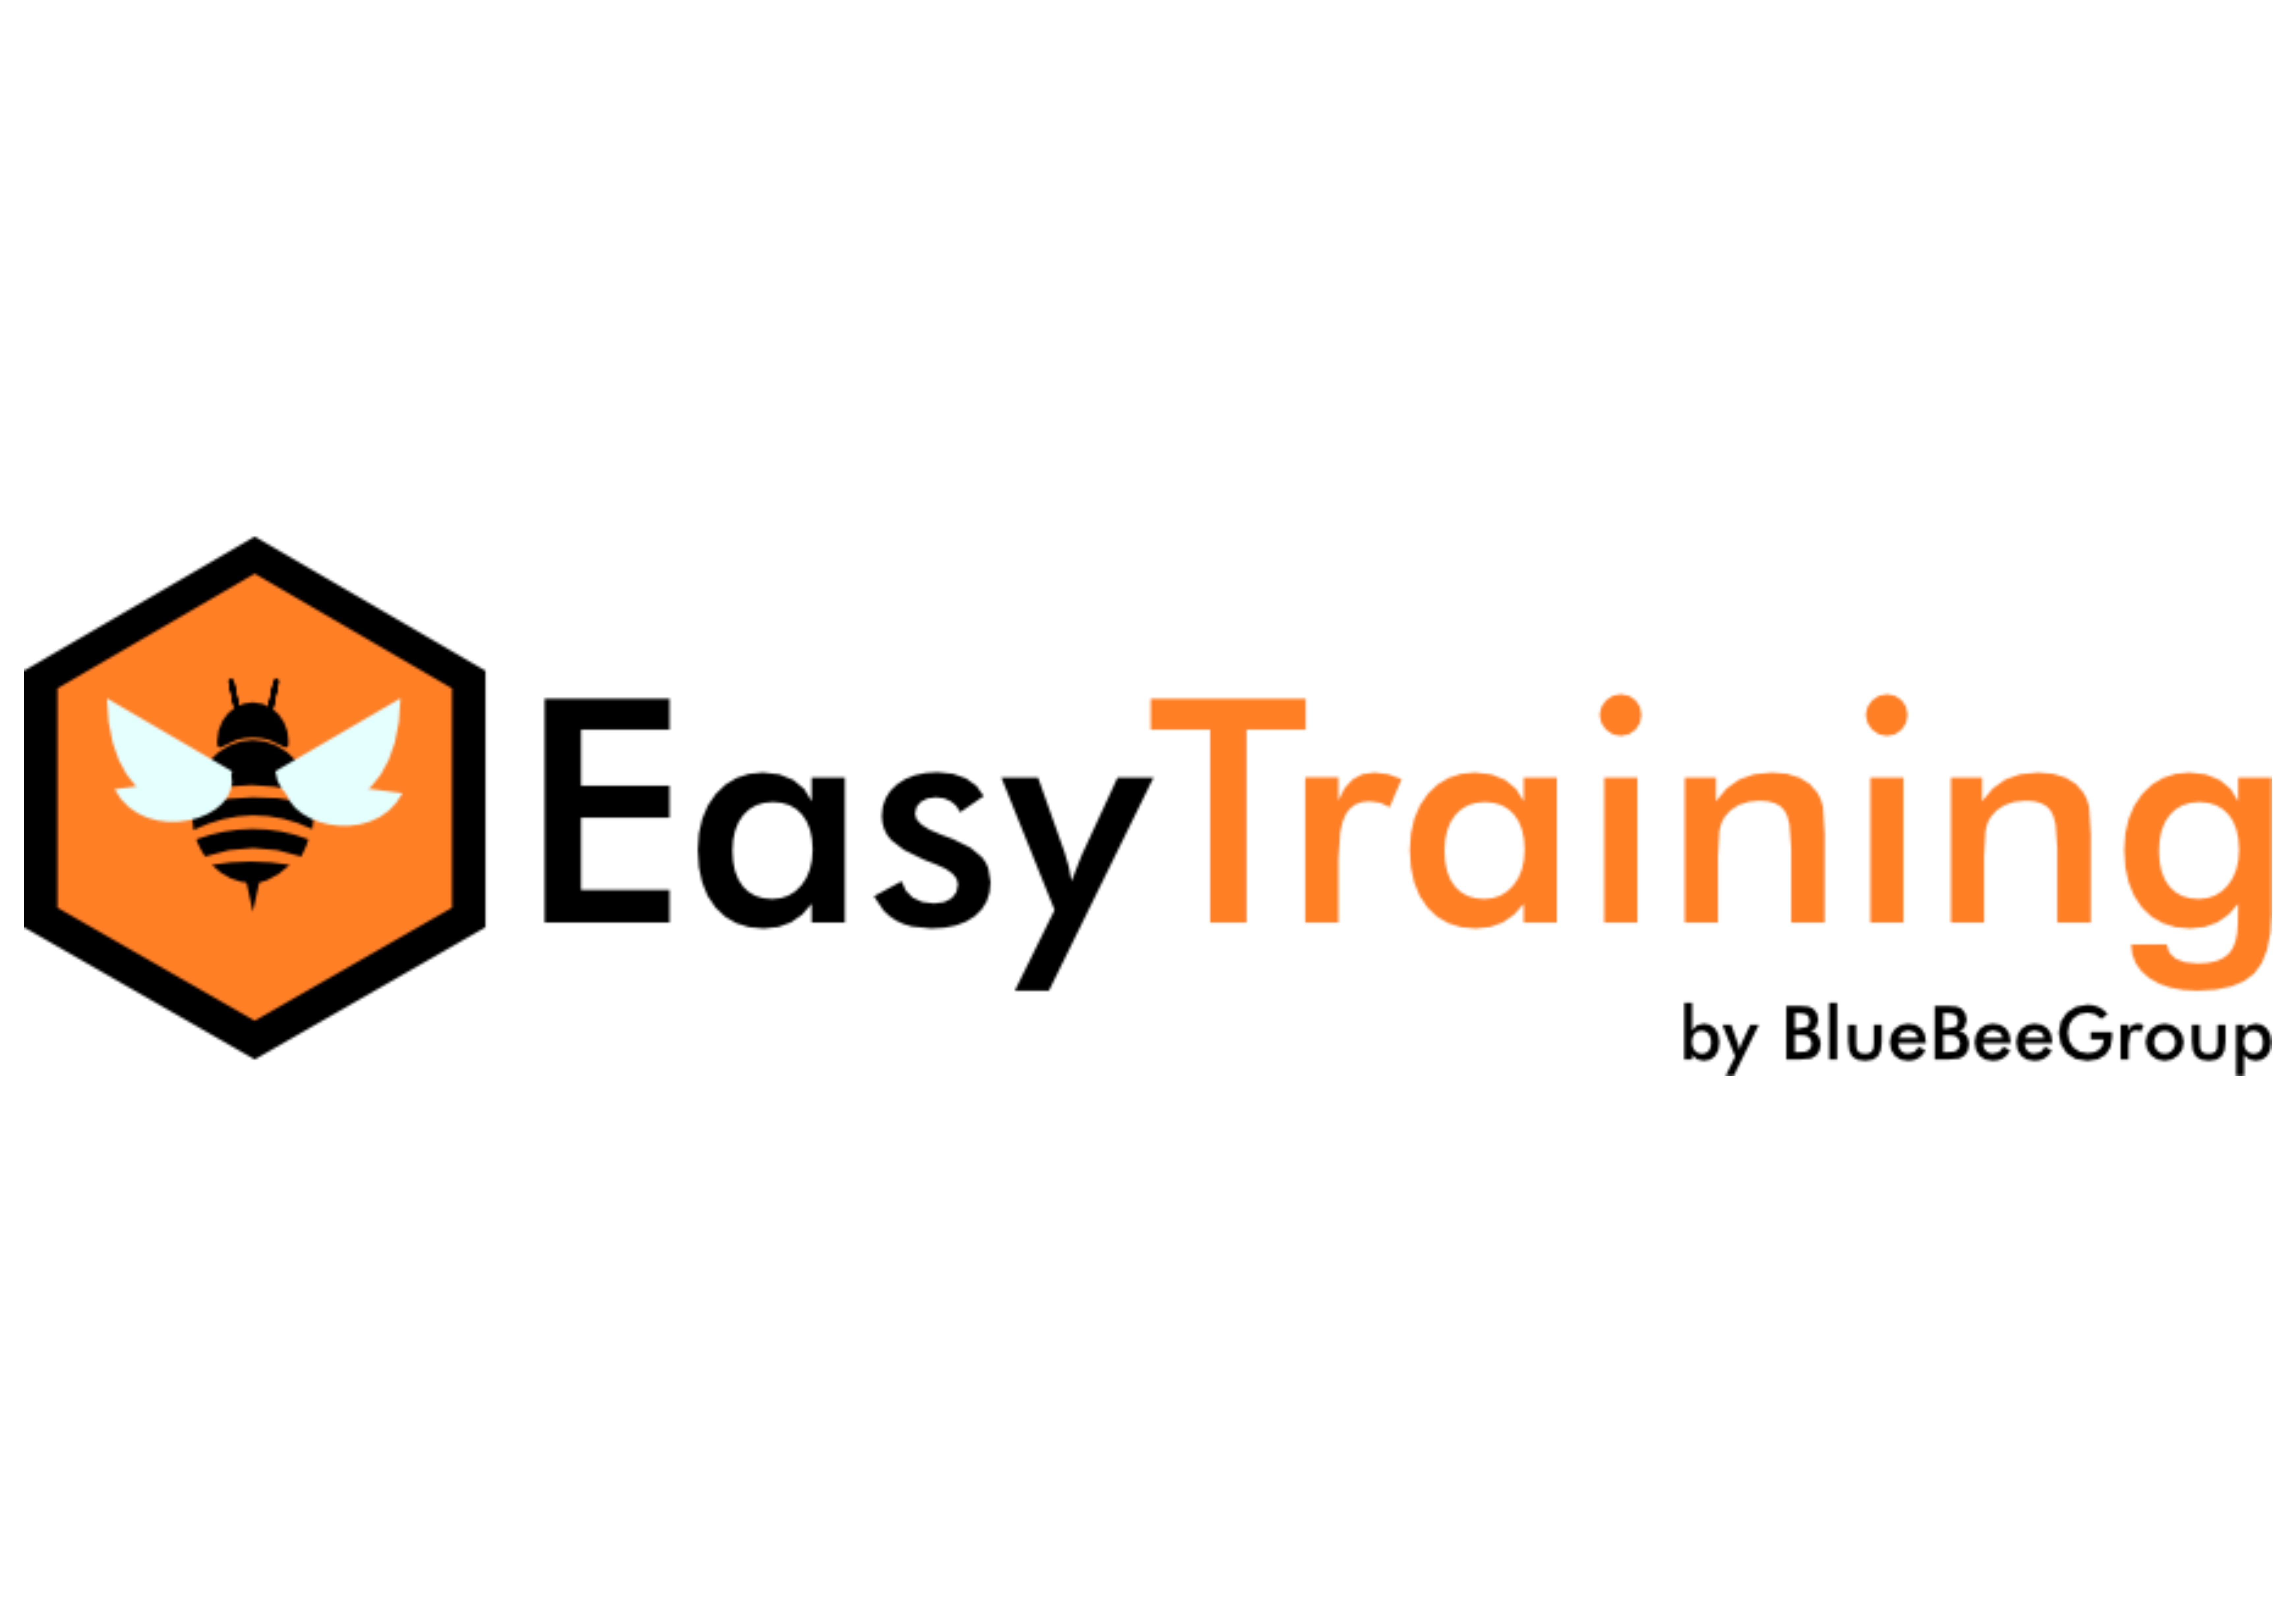 https://www.usarci.it/download/Immagini_sezioni/easytraining.jpg